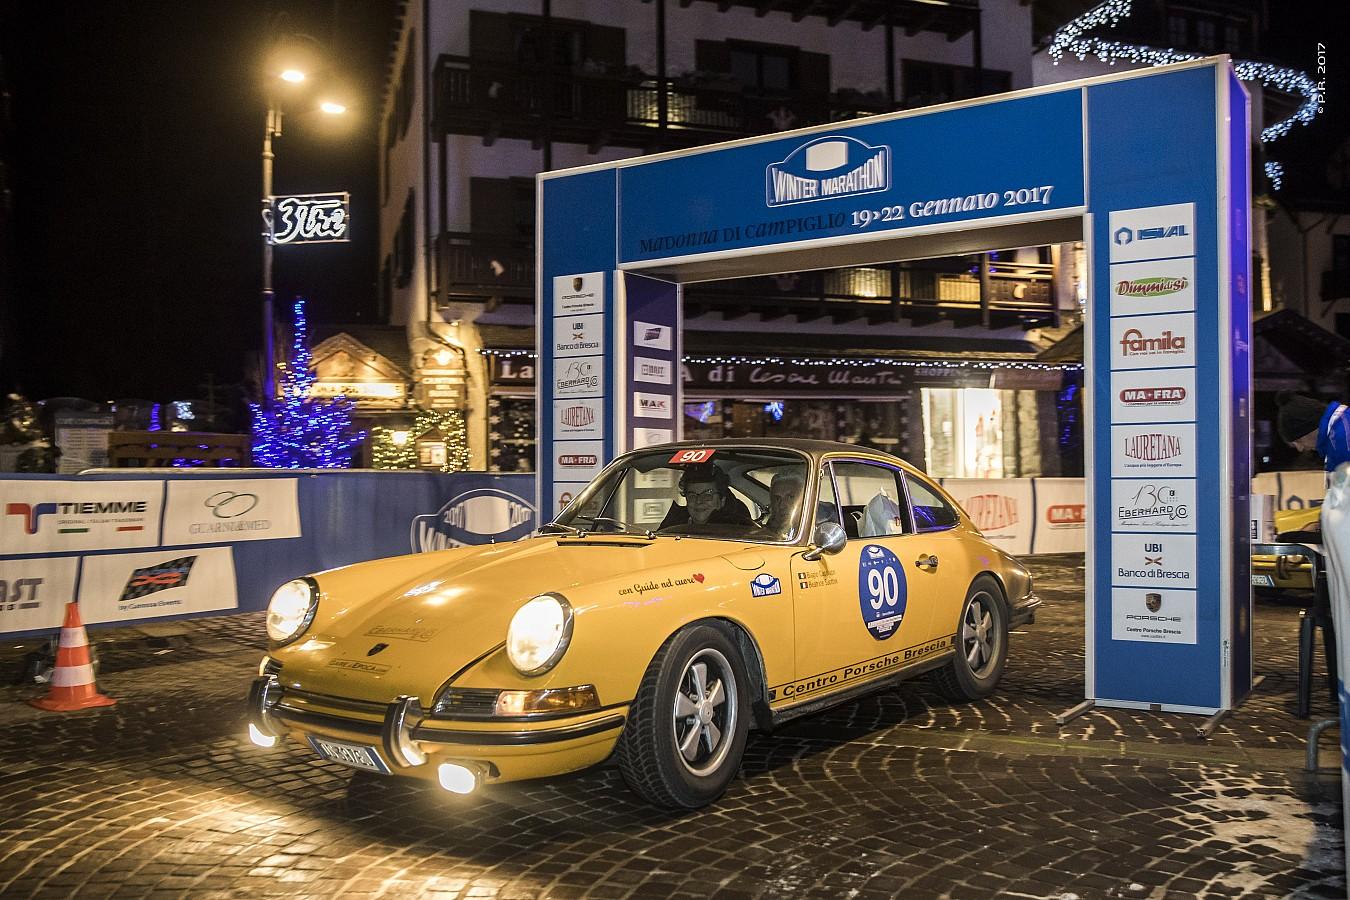 Winter Marathon e Centro Porsche Brescia di nuovo insieme sulle Dolomiti